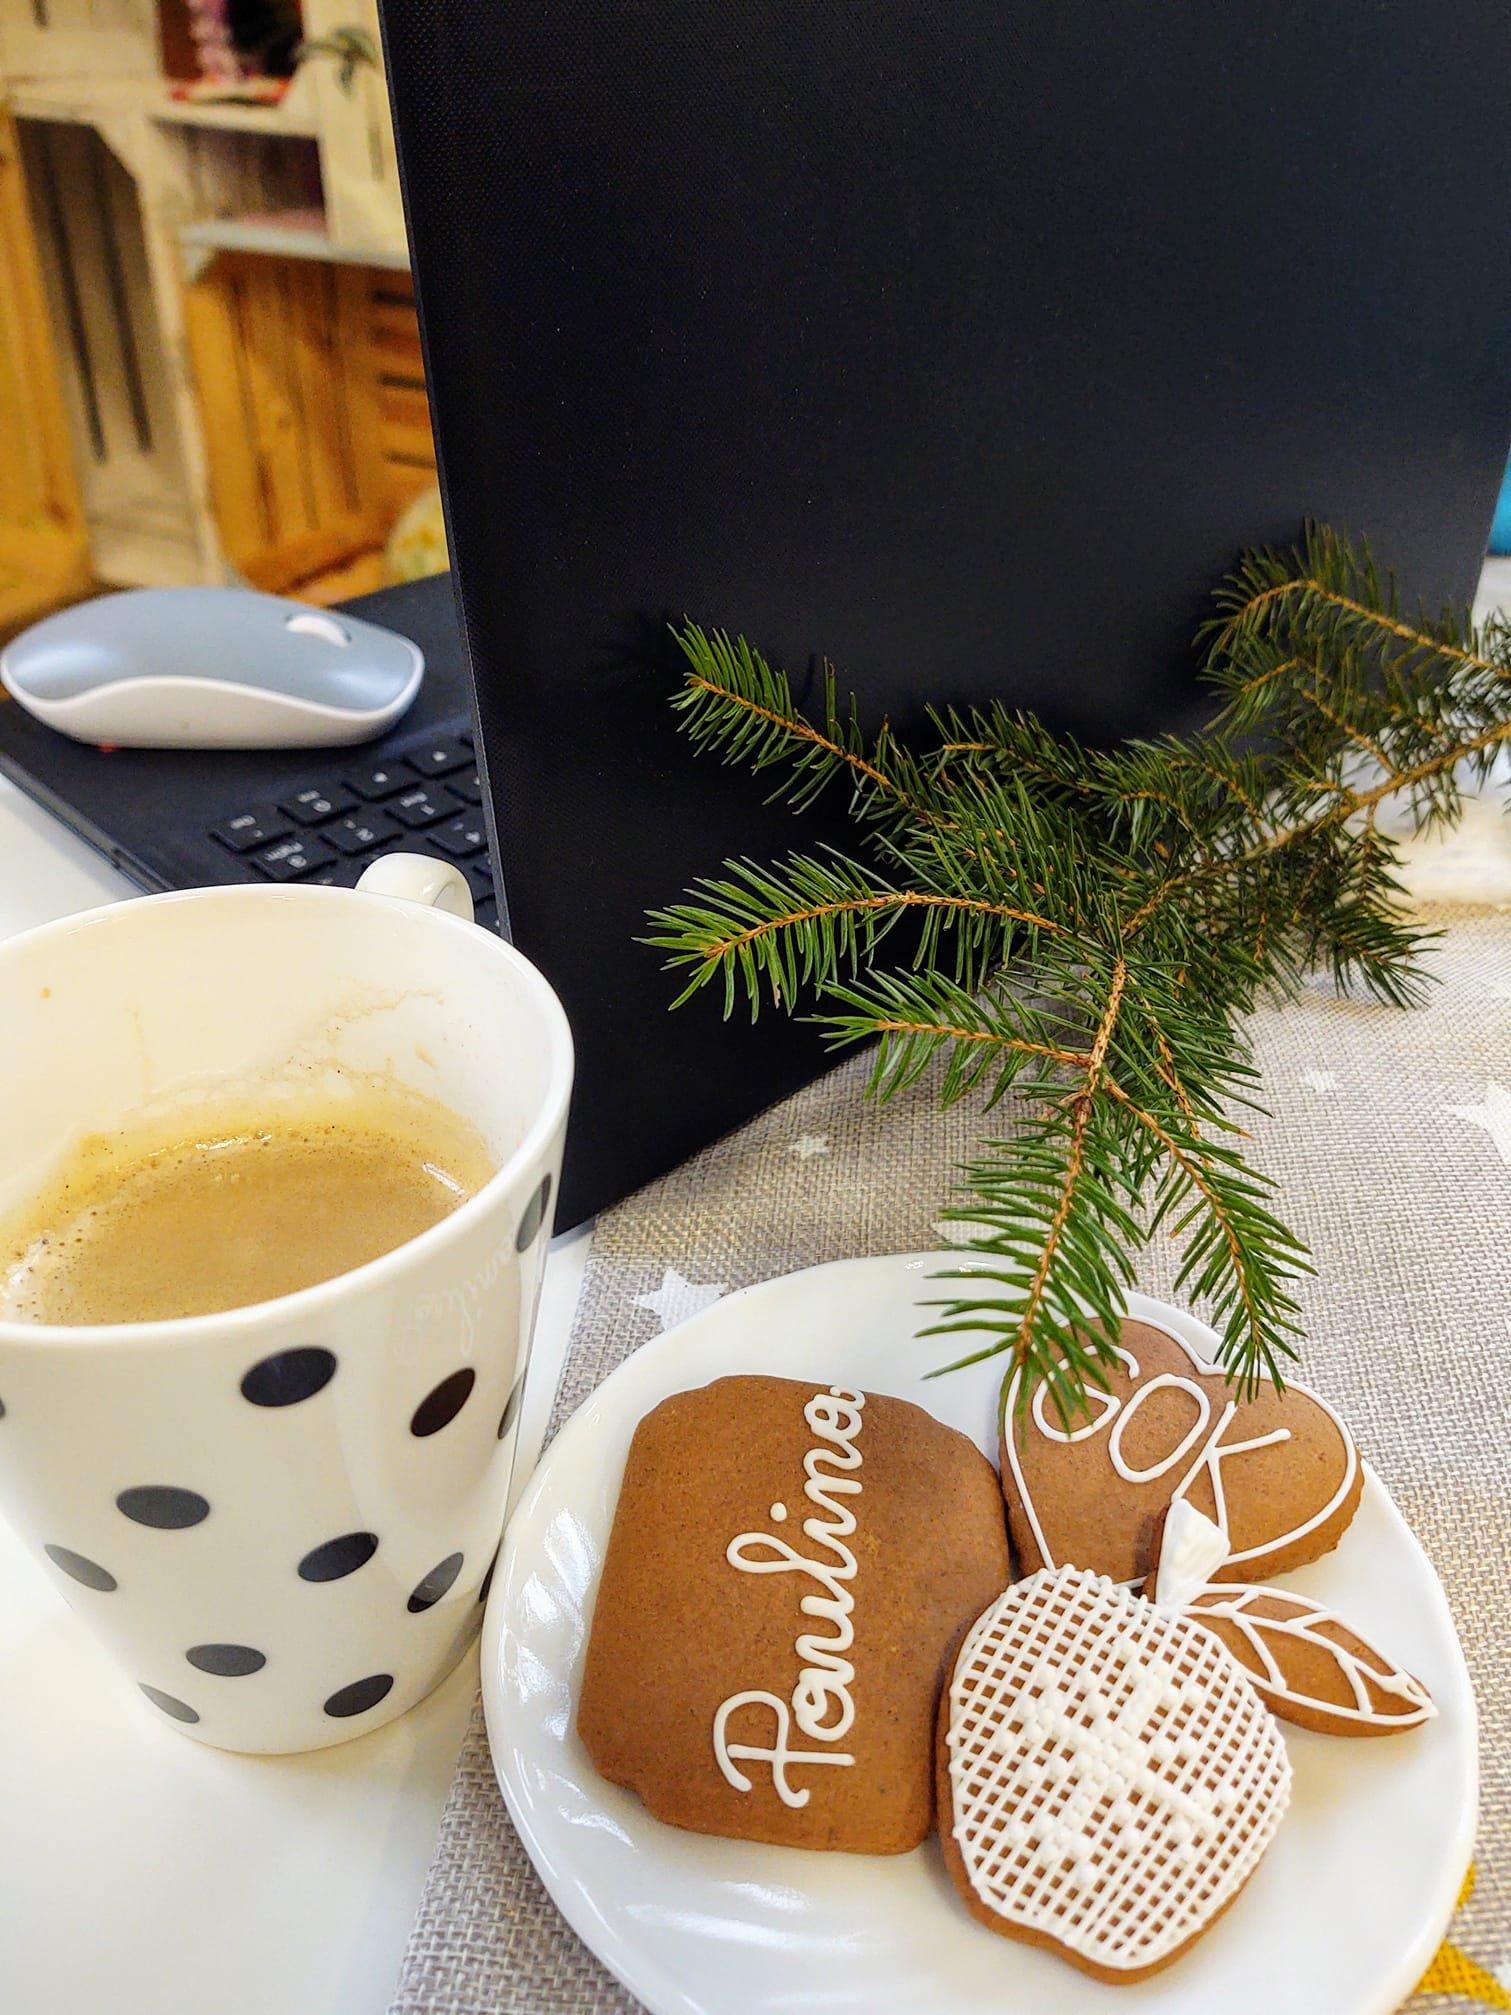 Zdjęćie pierniczków przy kawie